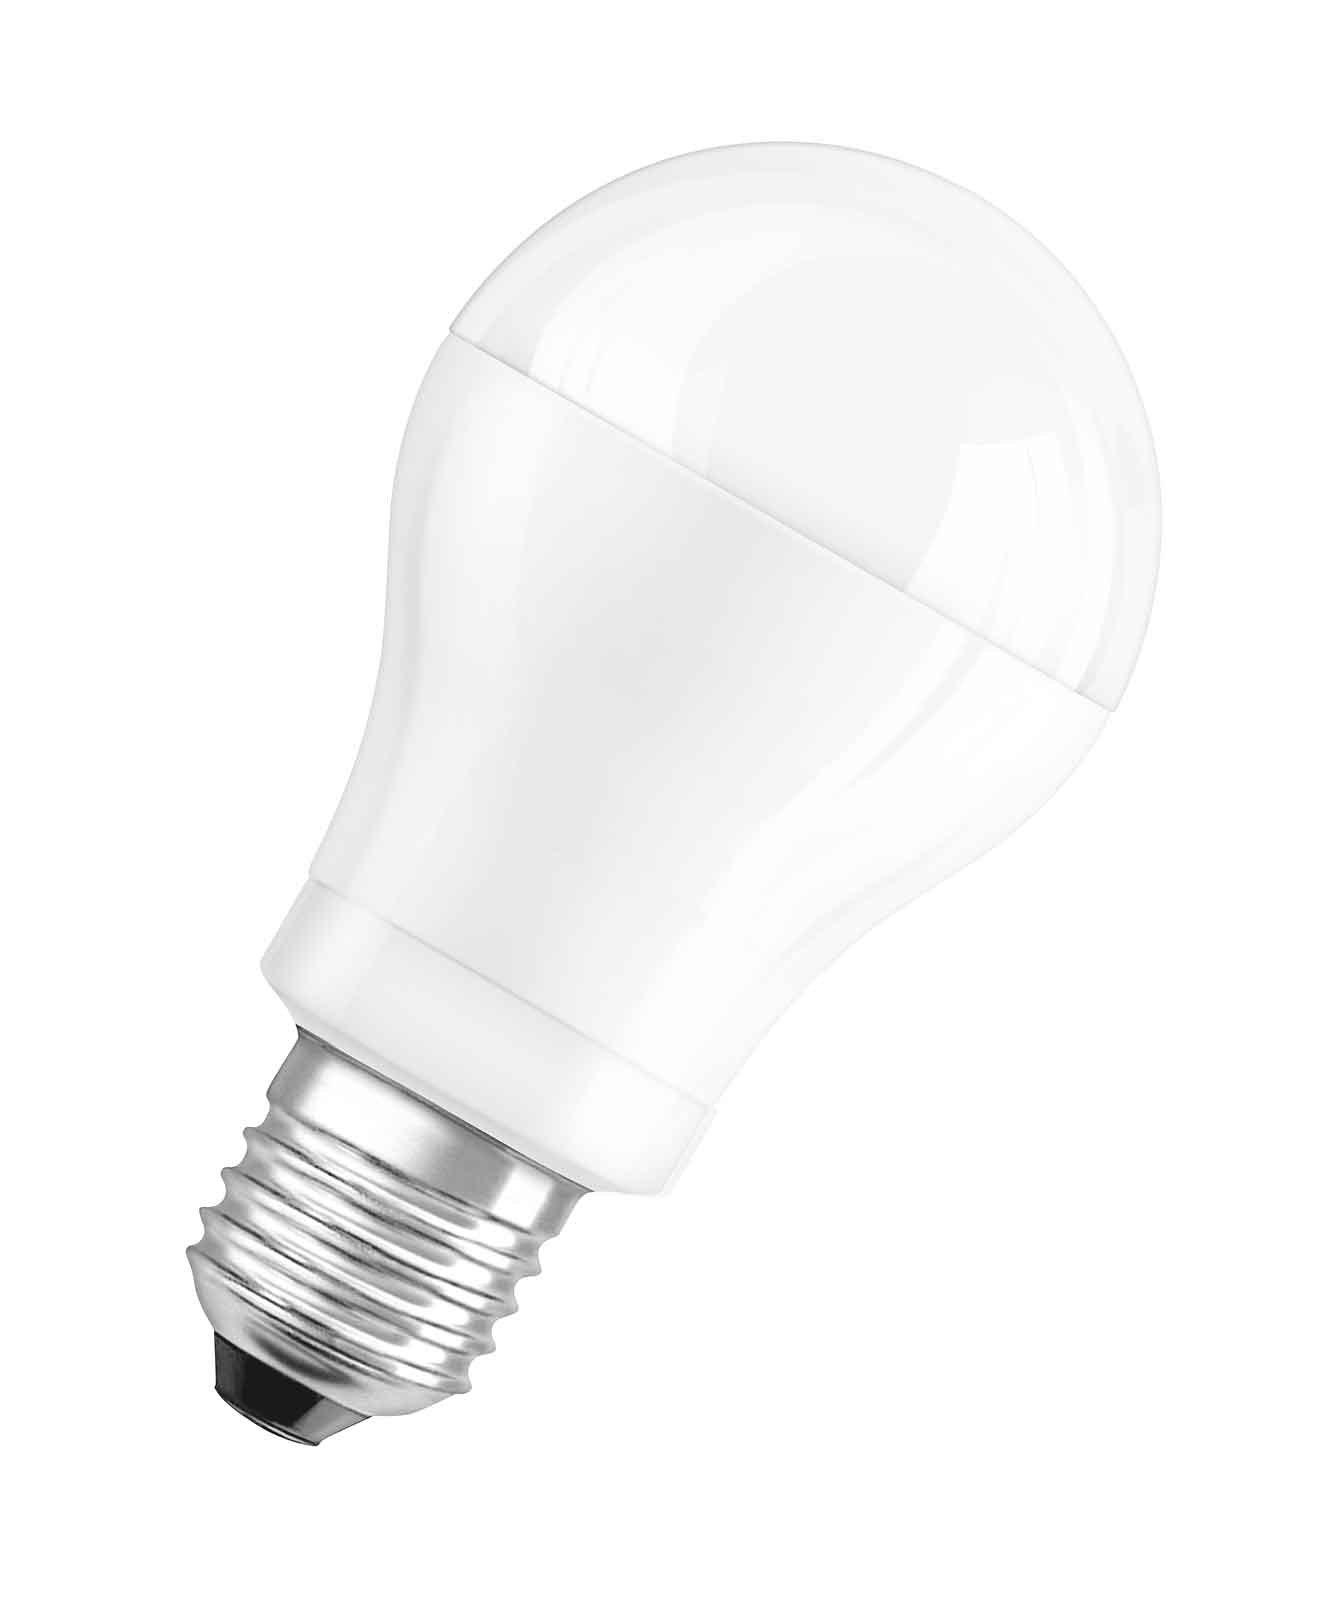 Nuove lampadine obiettivo risparmio cose di casa for Lampadine incandescenza